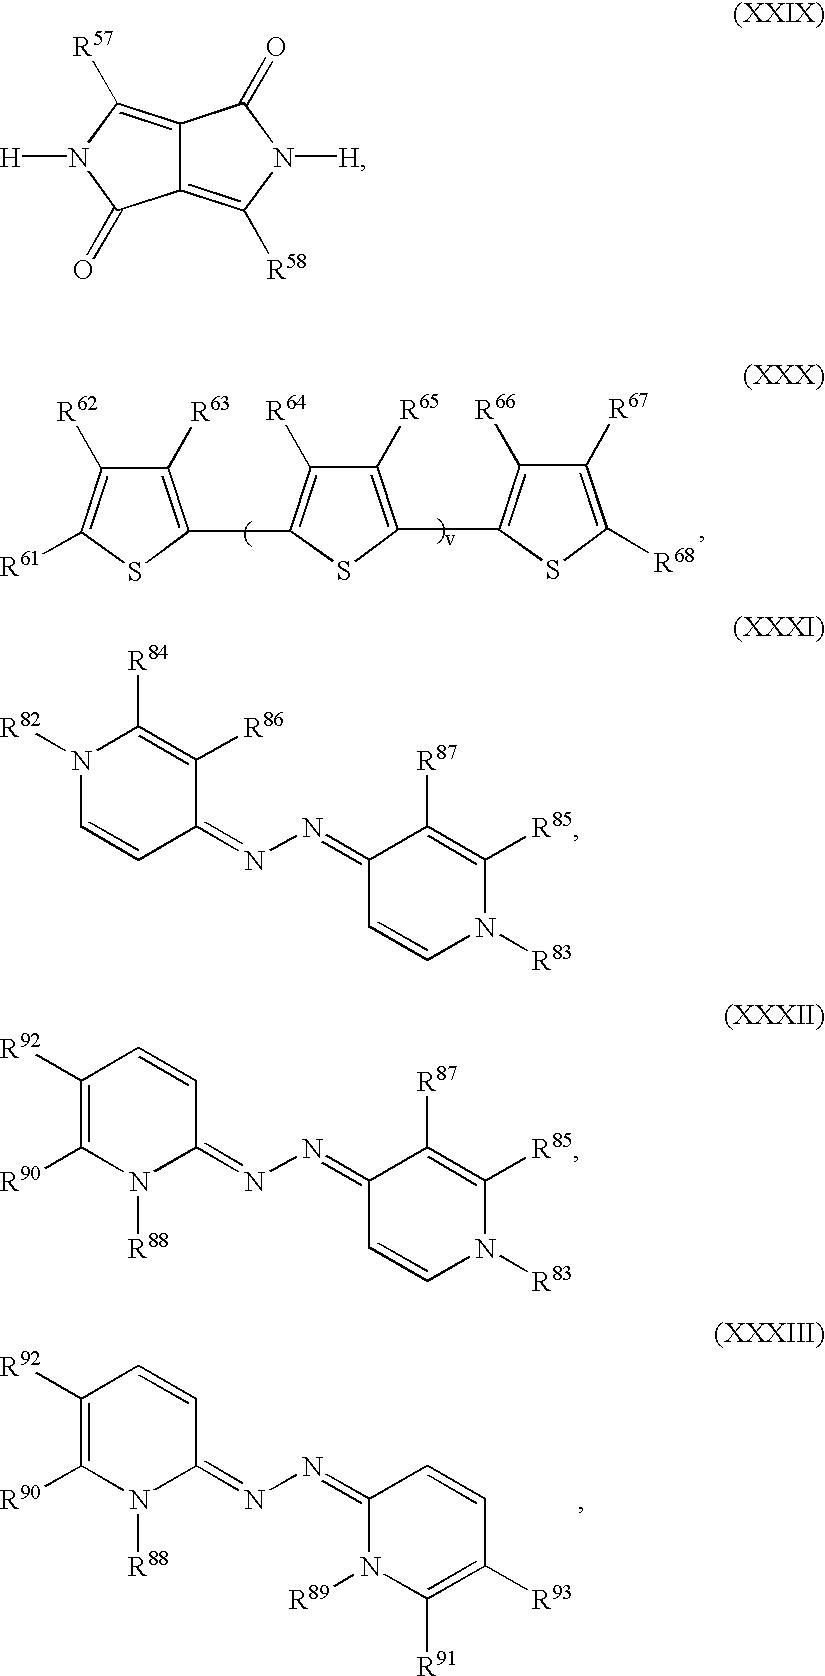 Figure US06509999-20030121-C00007